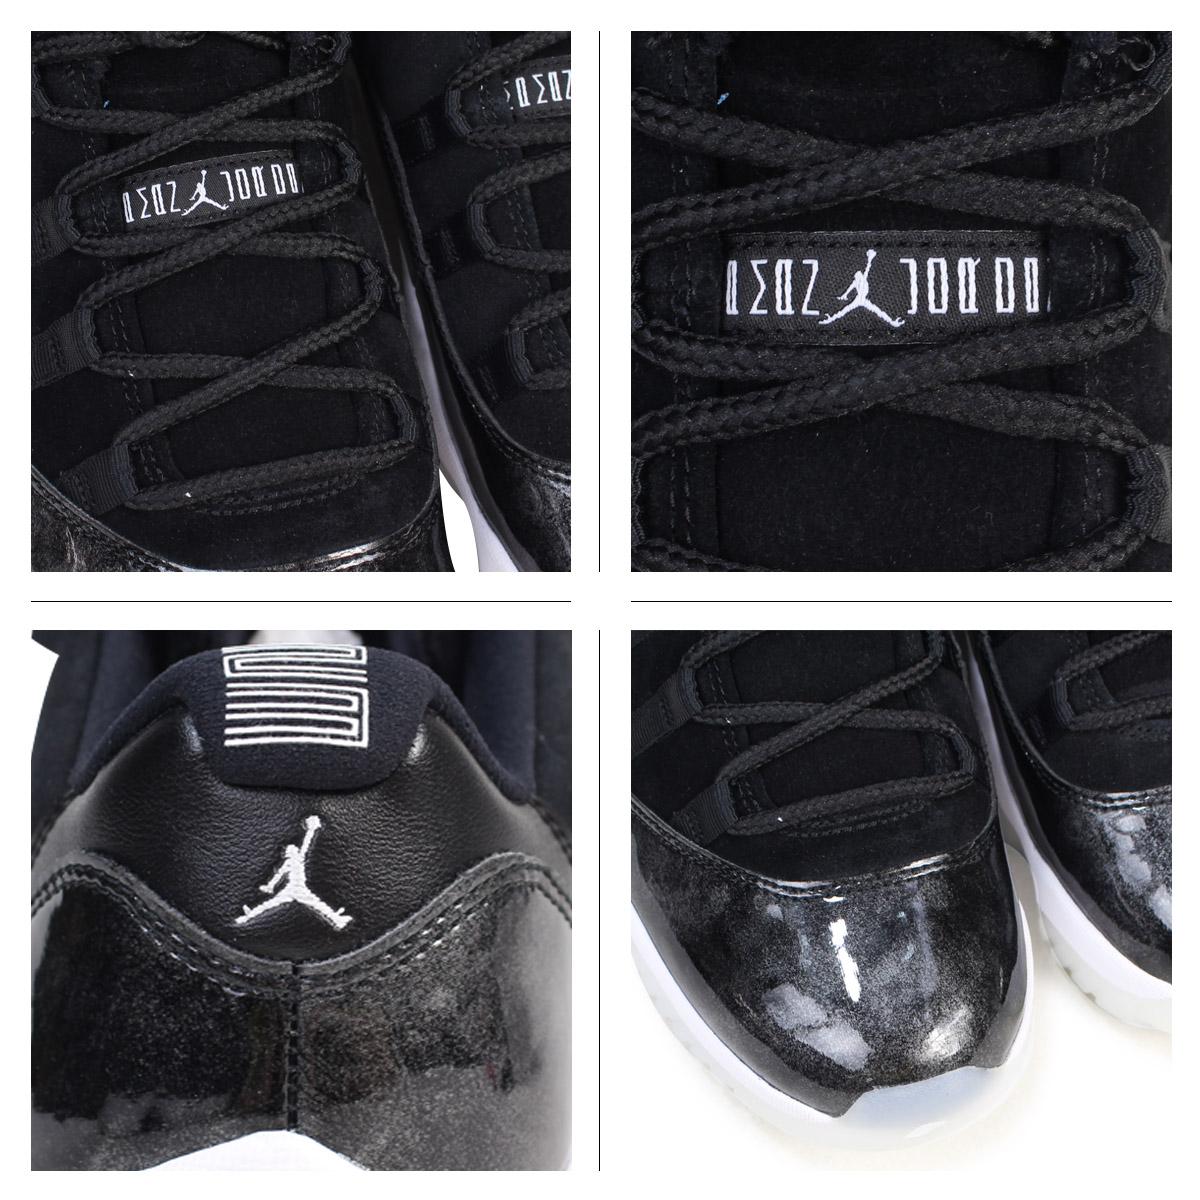 5d36c492282ce3 ALLSPORTS  NIKE Nike Air Jordan 11 sneakers AIR JORDAN 11 LOW BARONS ...